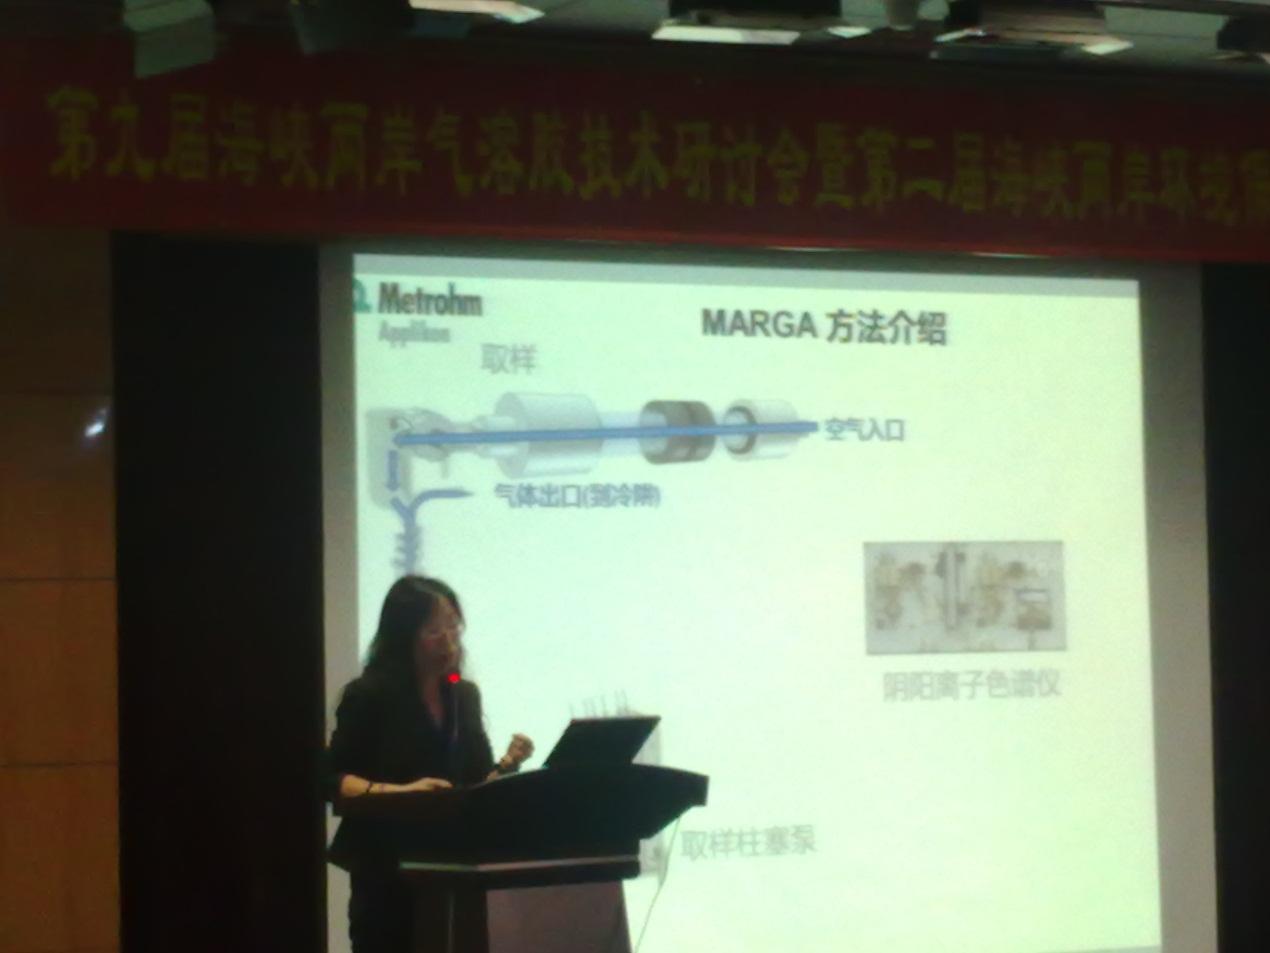 产品经理严珍为来宾介绍MARGA在线气体及气溶胶监测系统